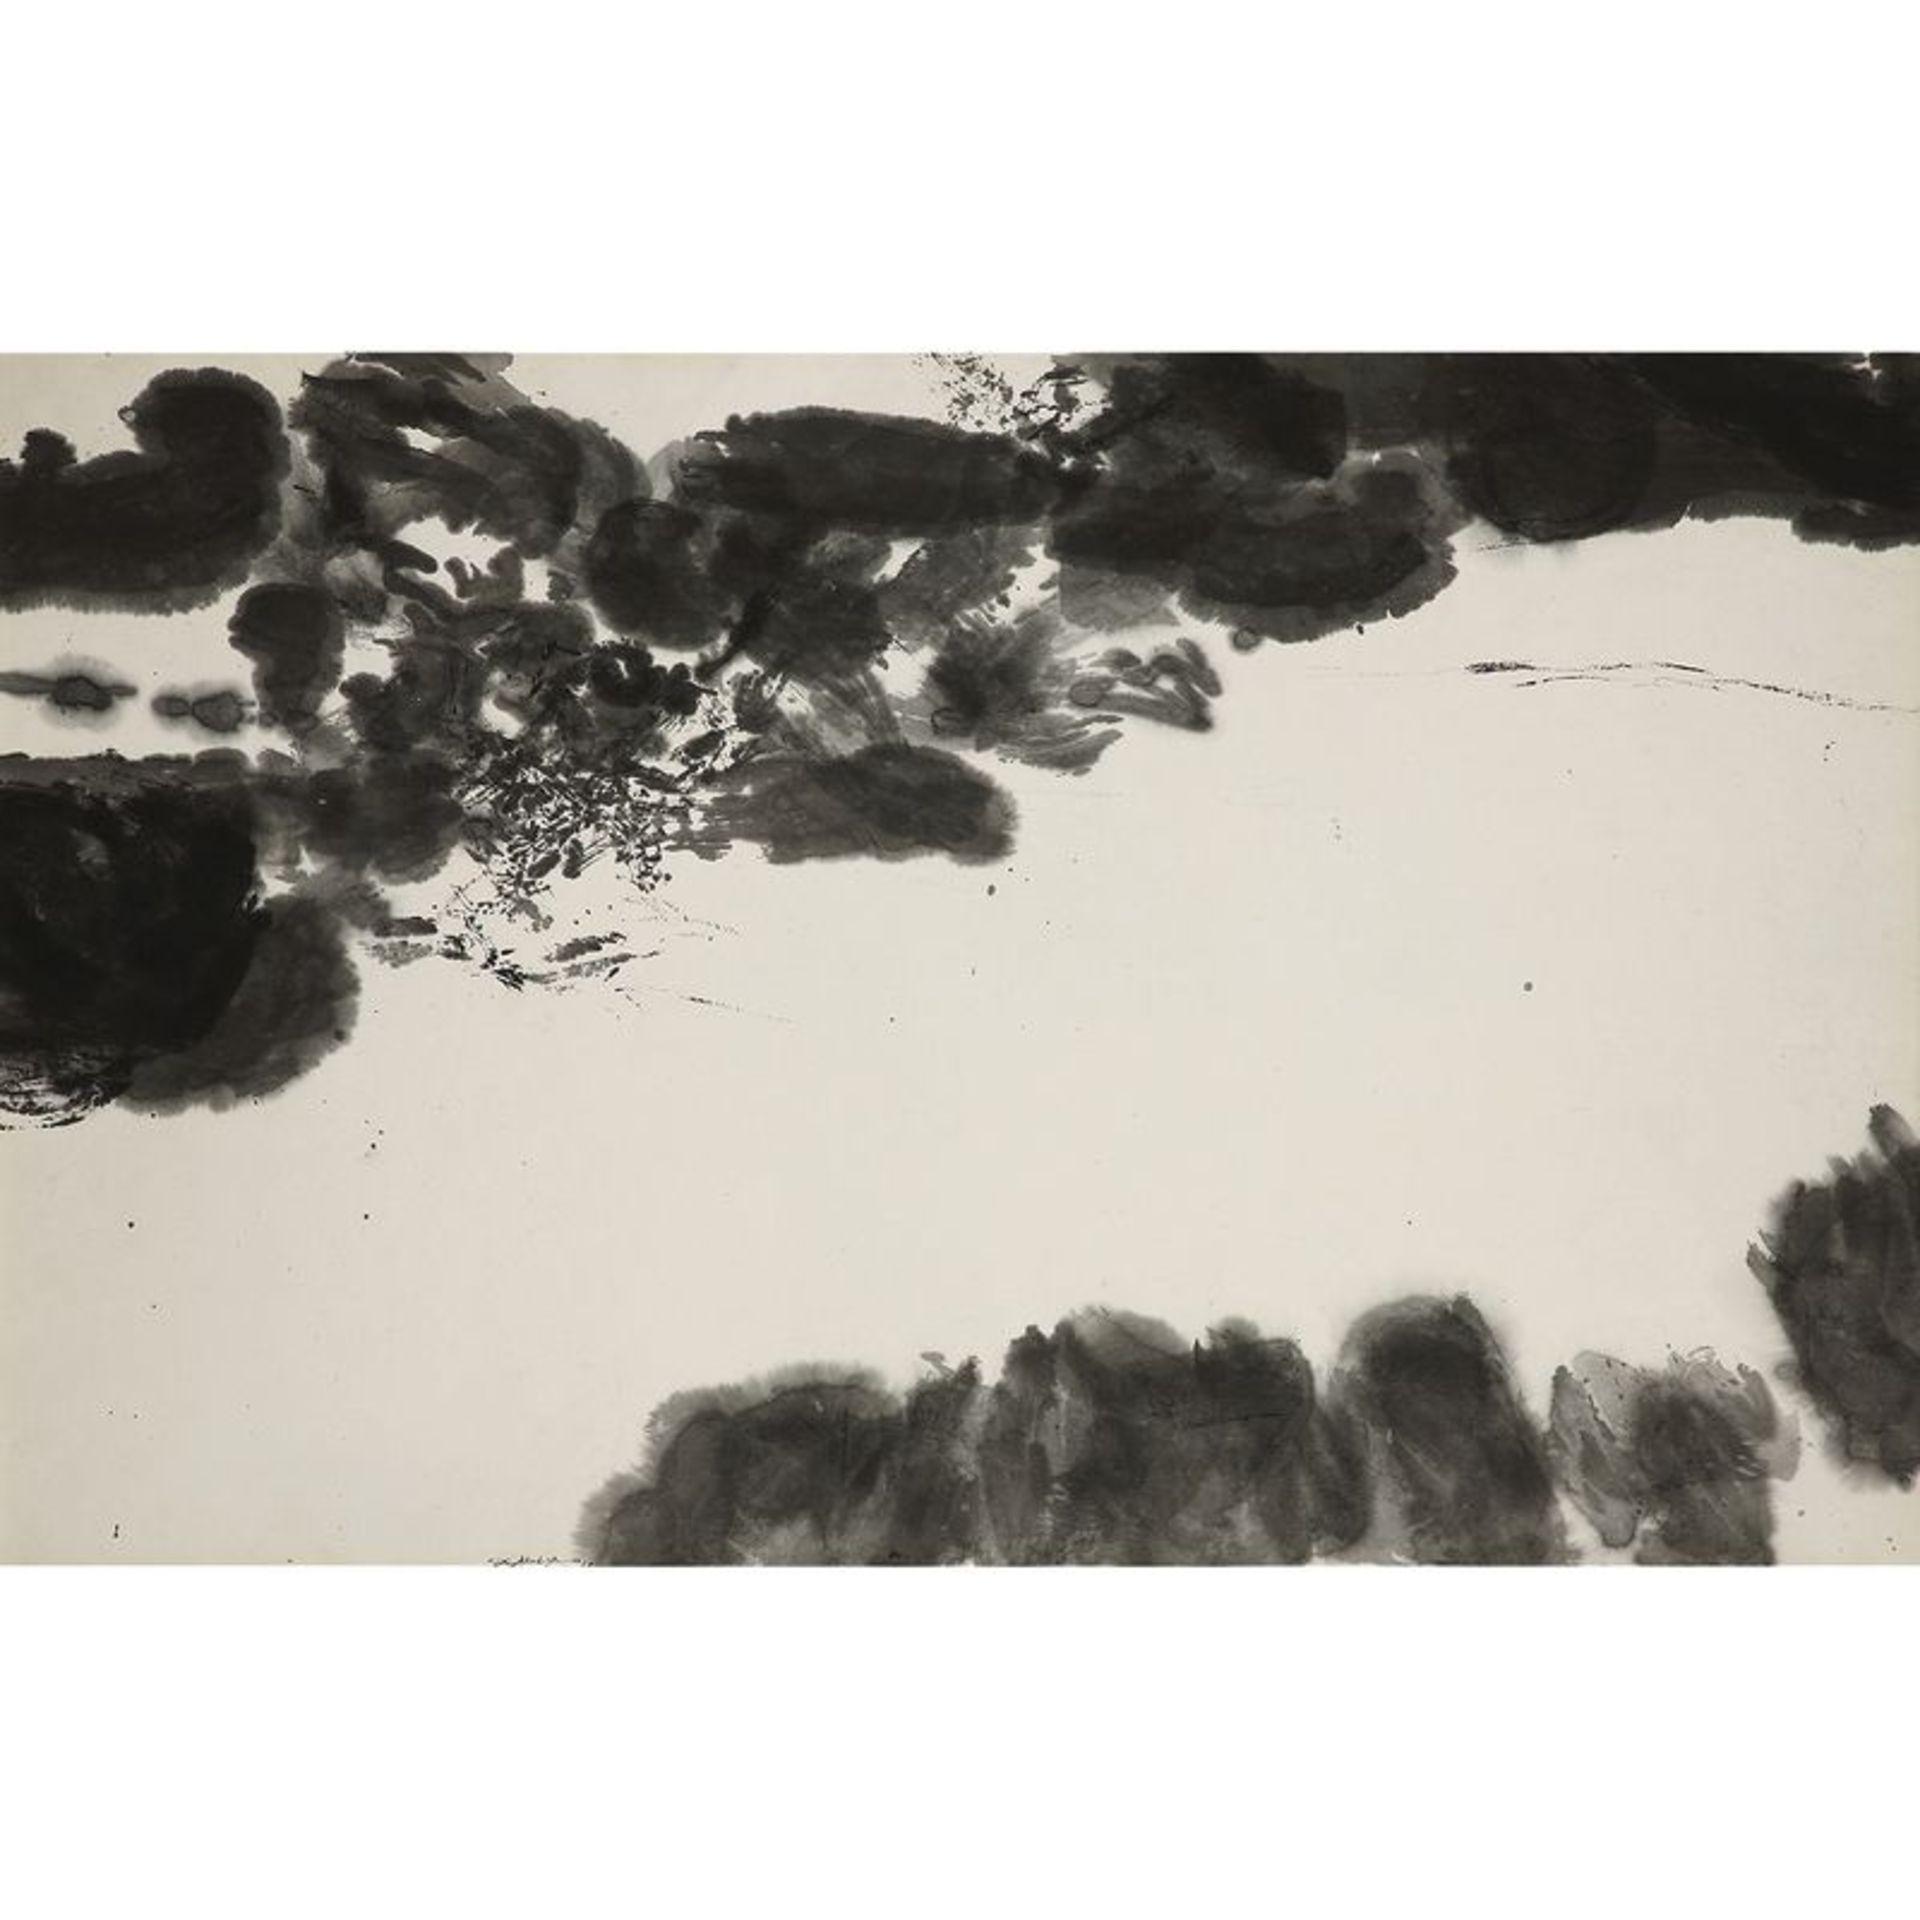 ZAO WOU-KI (1920-2013) - SANS TITRE, 1978 - Encre sur papier - Signé et daté 78 [...]